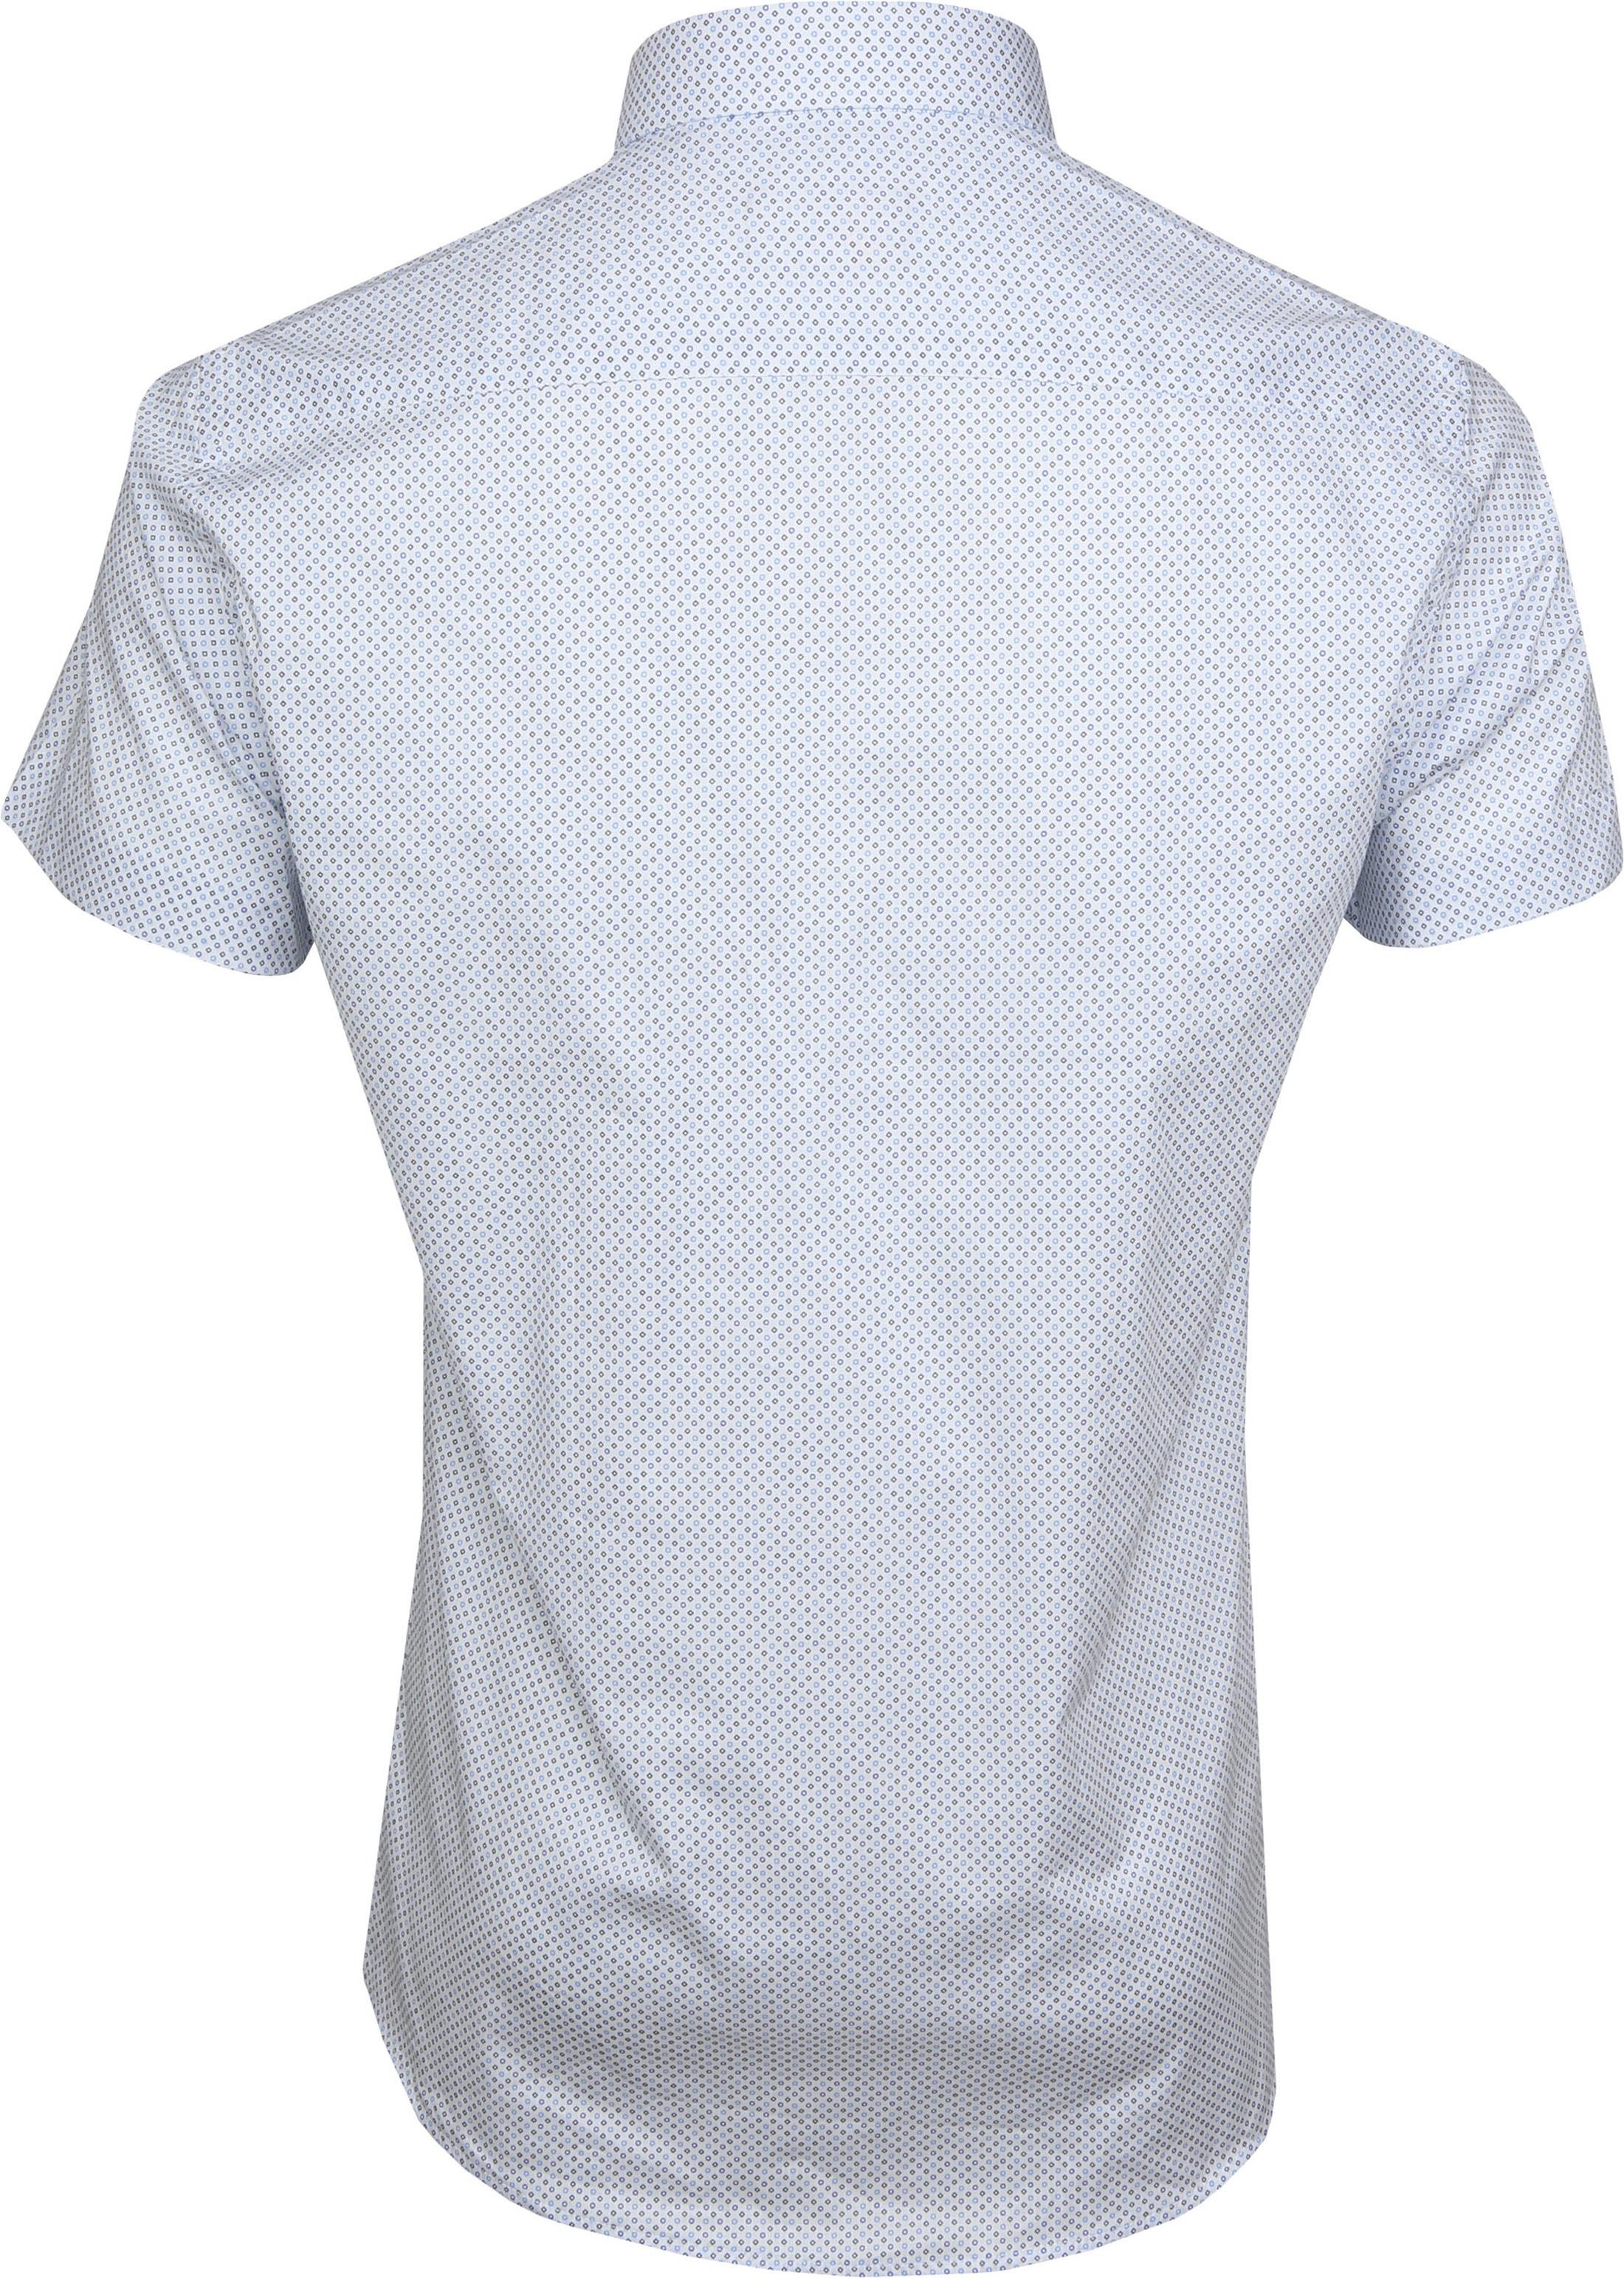 Suitable Shirt SS Carre White Blue foto 3